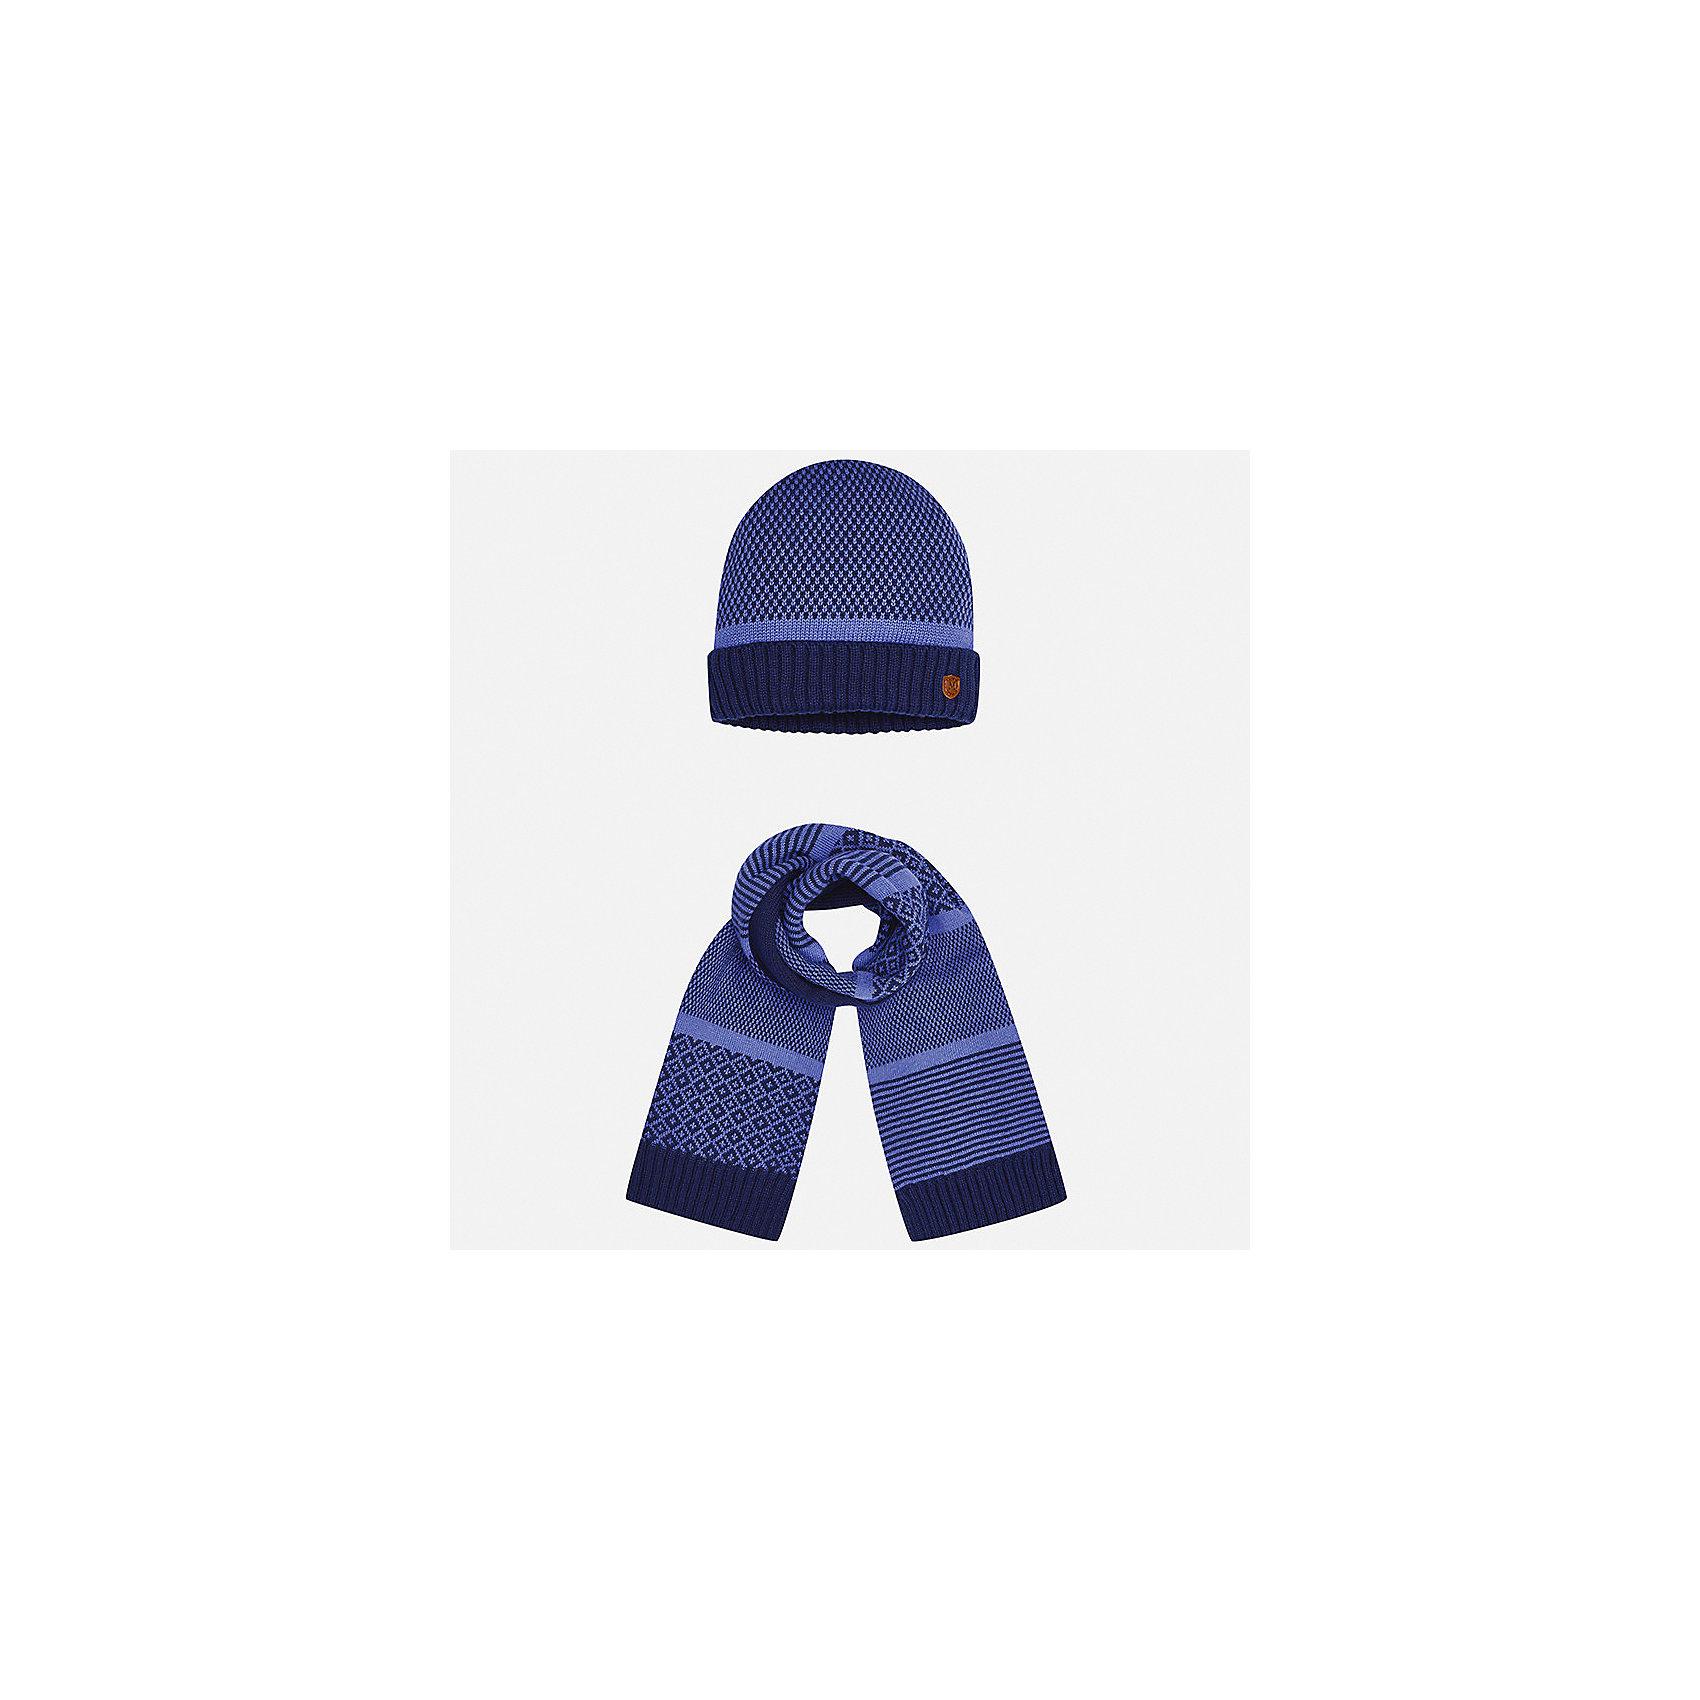 Комплект: шапка и шарф для мальчика MayoralКомплекты<br>Характеристики товара:<br><br>• цвет: фиолетовый<br>• состав ткани: 60% хлопок, 30% полиамид, 10% шерсть<br>• сезон: демисезон<br>• комплектация: шапка, шарф<br>• страна бренда: Испания<br>• страна изготовитель: Индия<br><br>Оригинальный детский комплект из шарфа и шапки смотрится аккуратно и стильно. Демисезонные шапка и шарф для мальчика от популярного бренда Mayoral помогут дополнить наряд и обеспечить комфорт в прохладную погоду. Для производства таких демисезонных комплектов популярный бренд Mayoral используют только качественную фурнитуру и материалы. Оригинальные и модные шапка и шарф от Майорал привлекут внимание и понравятся детям.<br><br>Комплект: шапка и шарф для мальчика Mayoral (Майорал) можно купить в нашем интернет-магазине.<br><br>Ширина мм: 89<br>Глубина мм: 117<br>Высота мм: 44<br>Вес г: 155<br>Цвет: фиолетовый<br>Возраст от месяцев: 12<br>Возраст до месяцев: 18<br>Пол: Мужской<br>Возраст: Детский<br>Размер: one size<br>SKU: 6939068